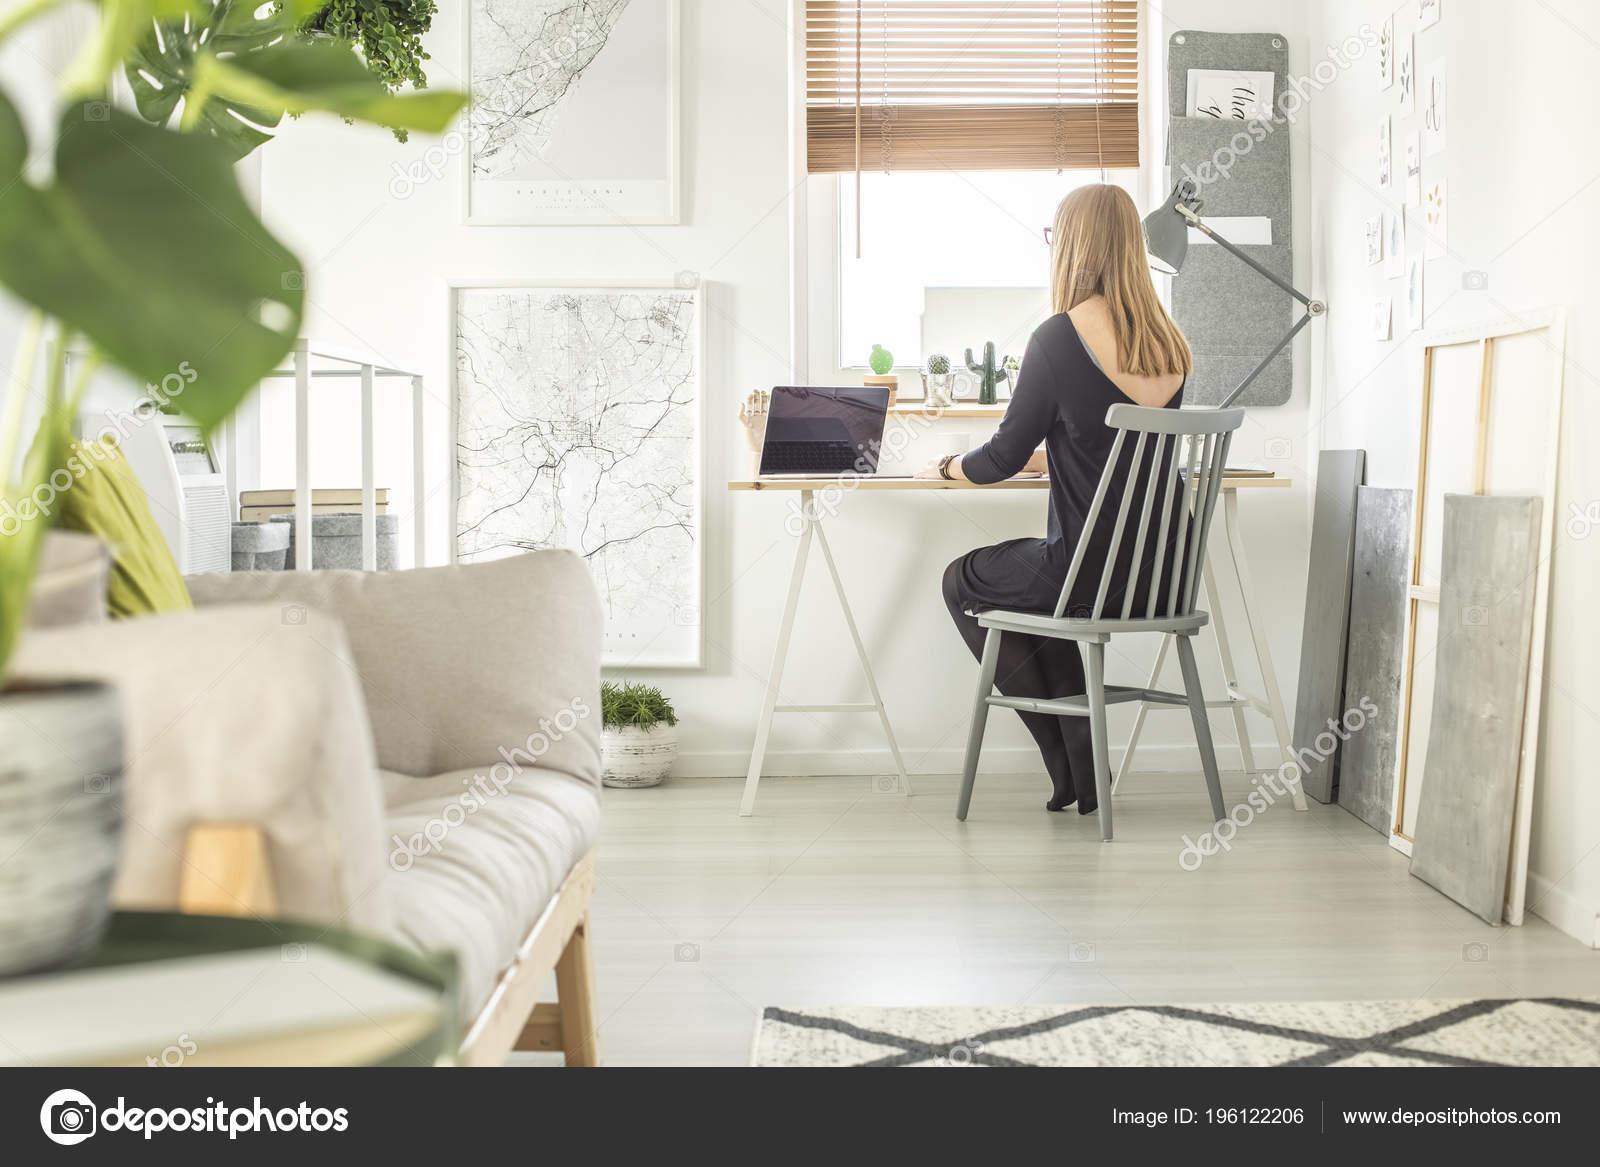 Madchen Sitzen Einem Schreibtisch Arbeiten Auf Einem Computer Einem